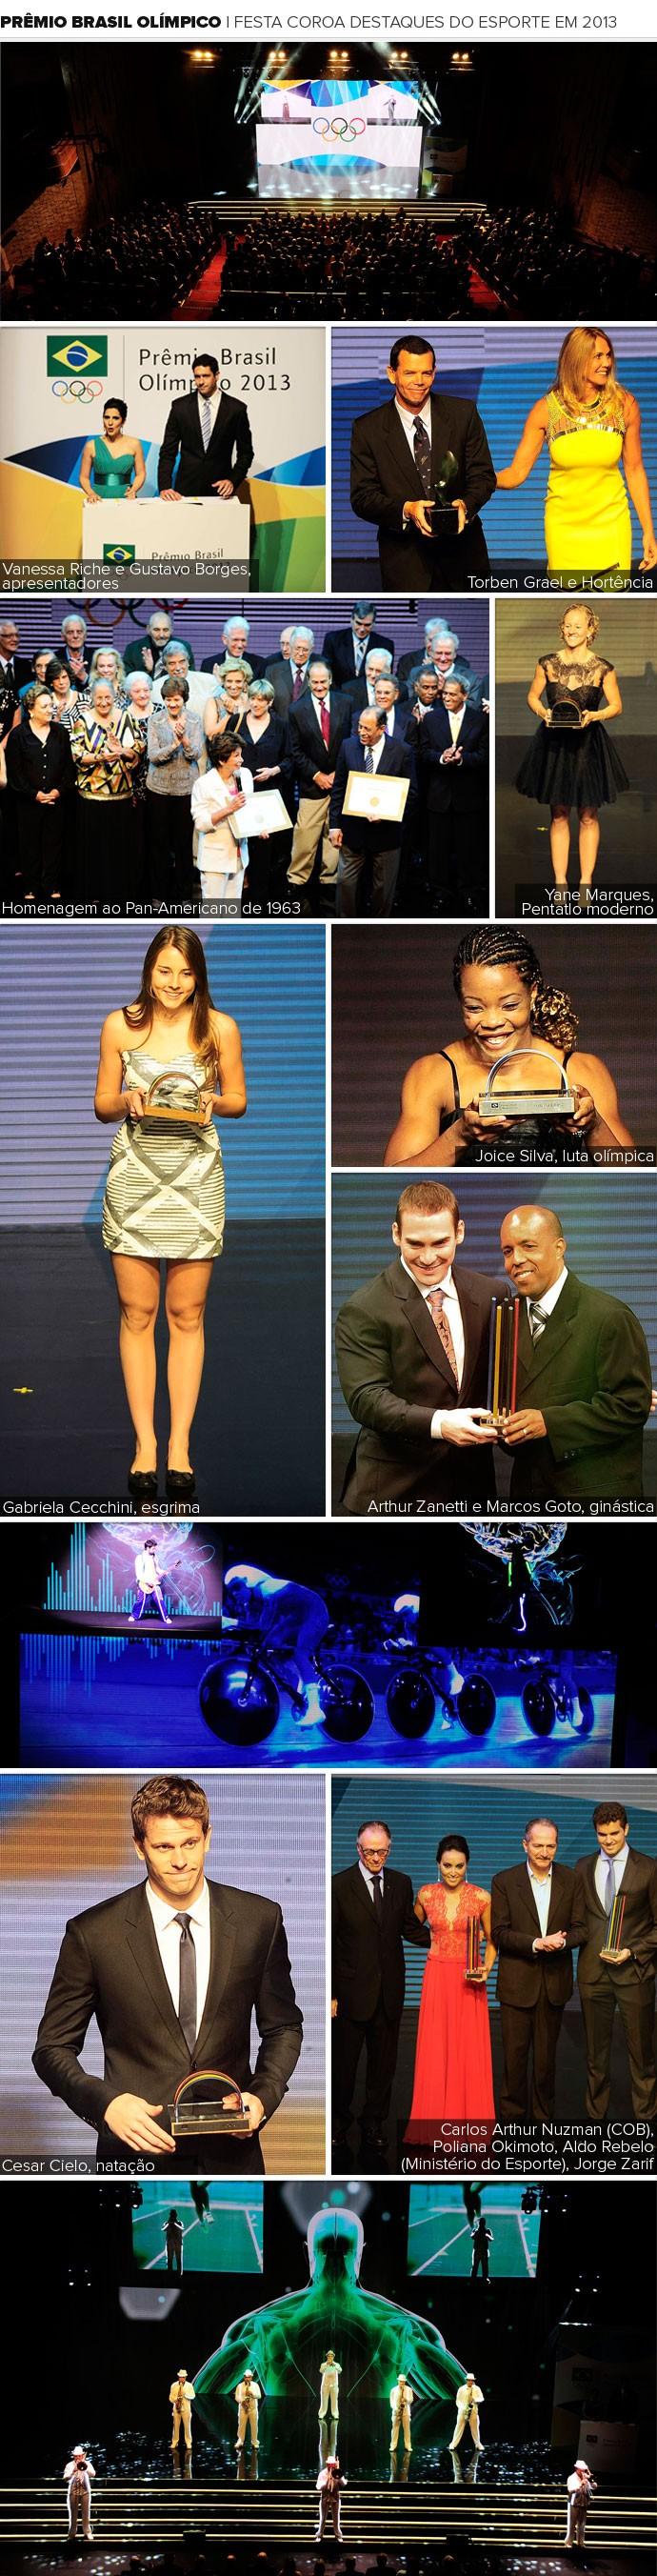 mosaico Prêmio Brasil Olímpico (Foto: Marcos Ribolli / Globoesporte.com)